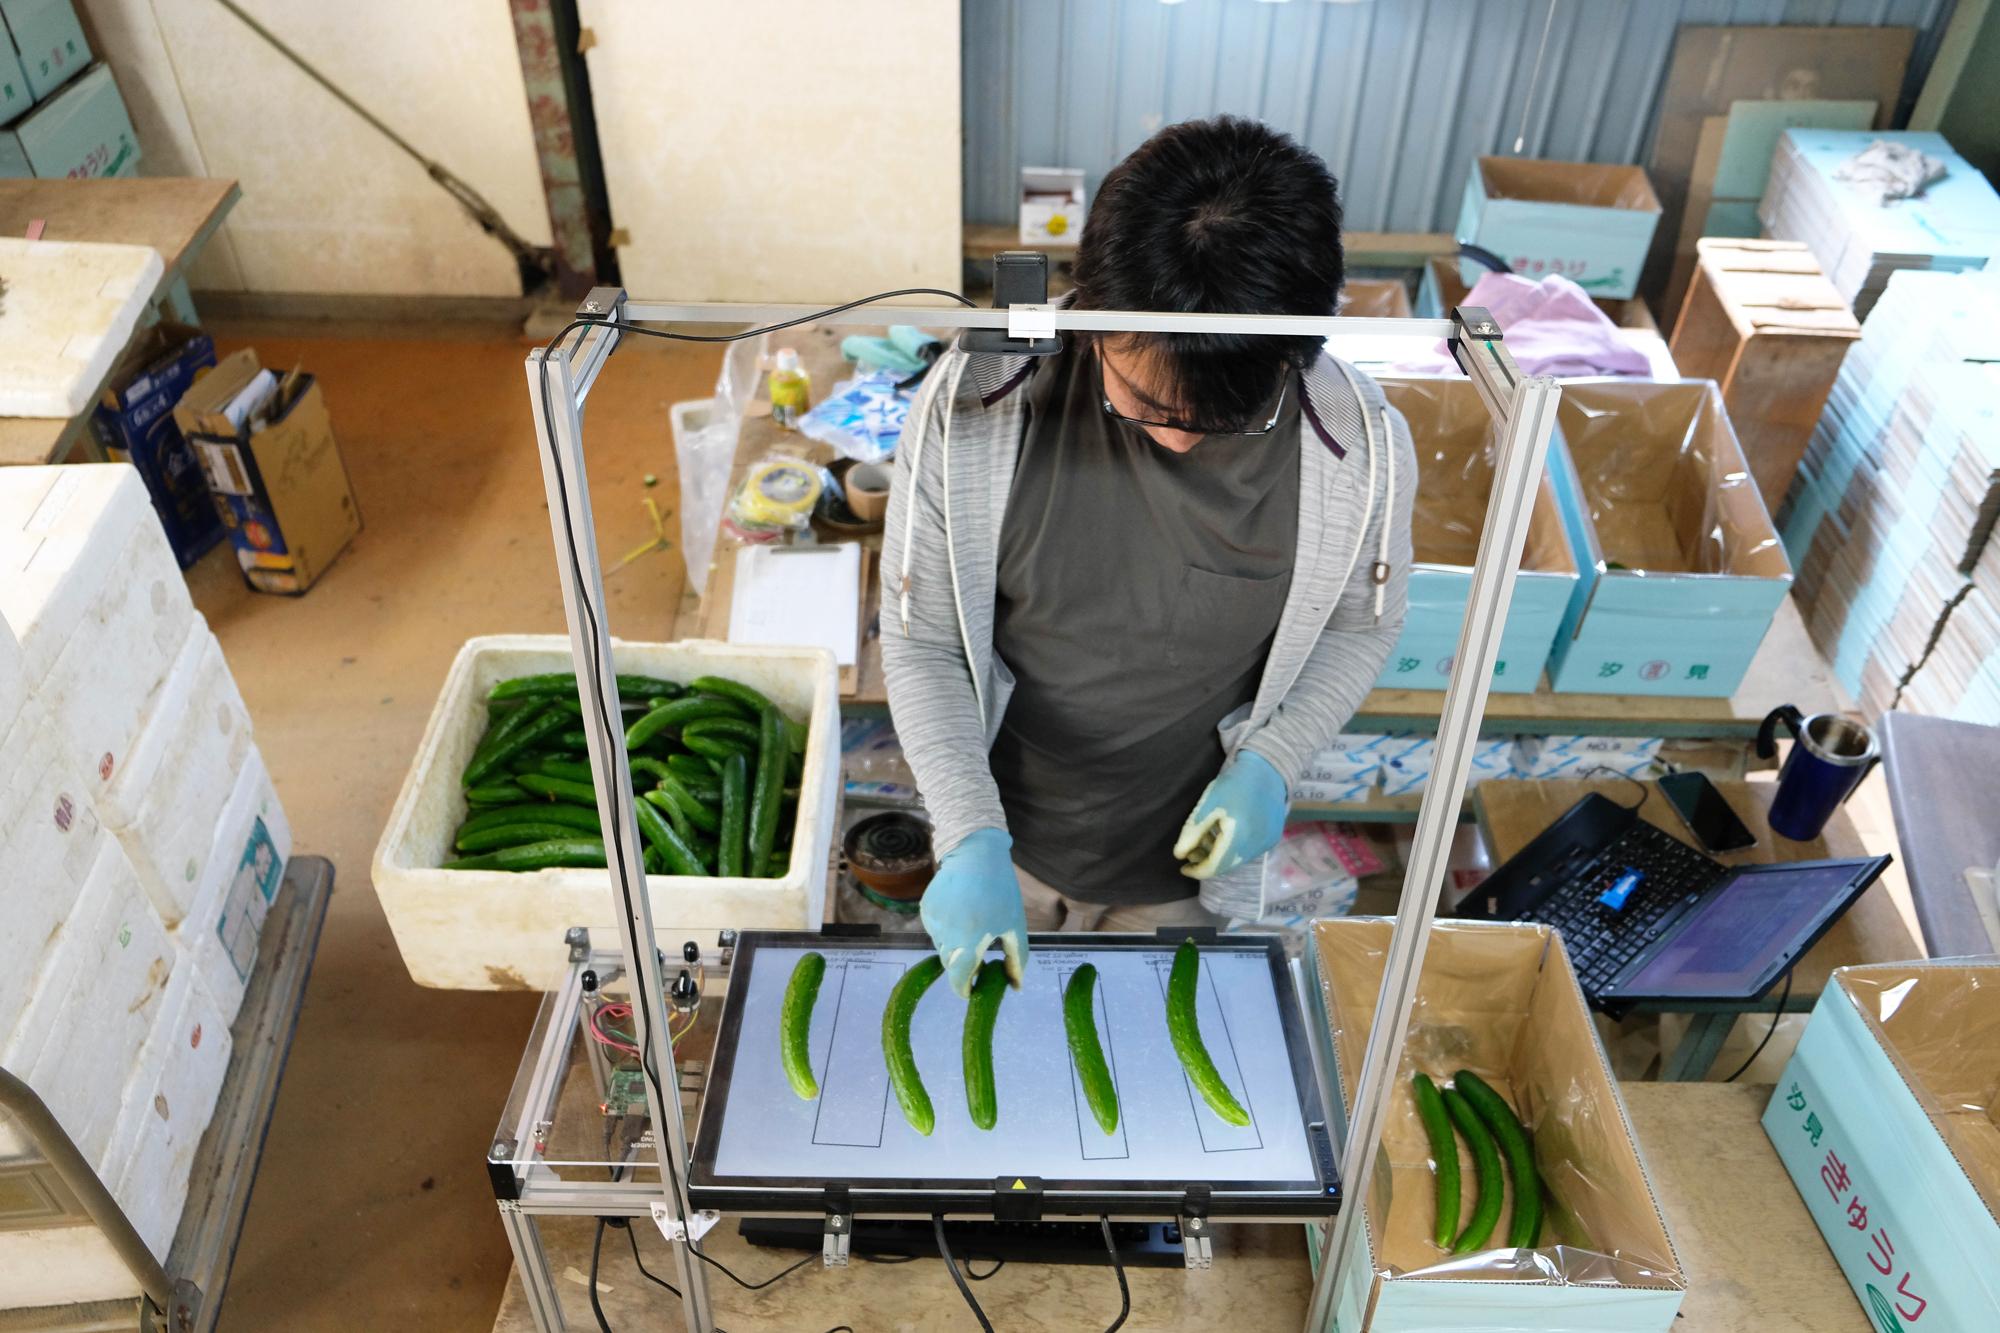 実際の作業の様子。小池さんの右手側の箱からきゅうりを取り出してテーブルに置き、判定されたきゅうりを左手側や後方に置いた出荷用の箱に仕分けていく